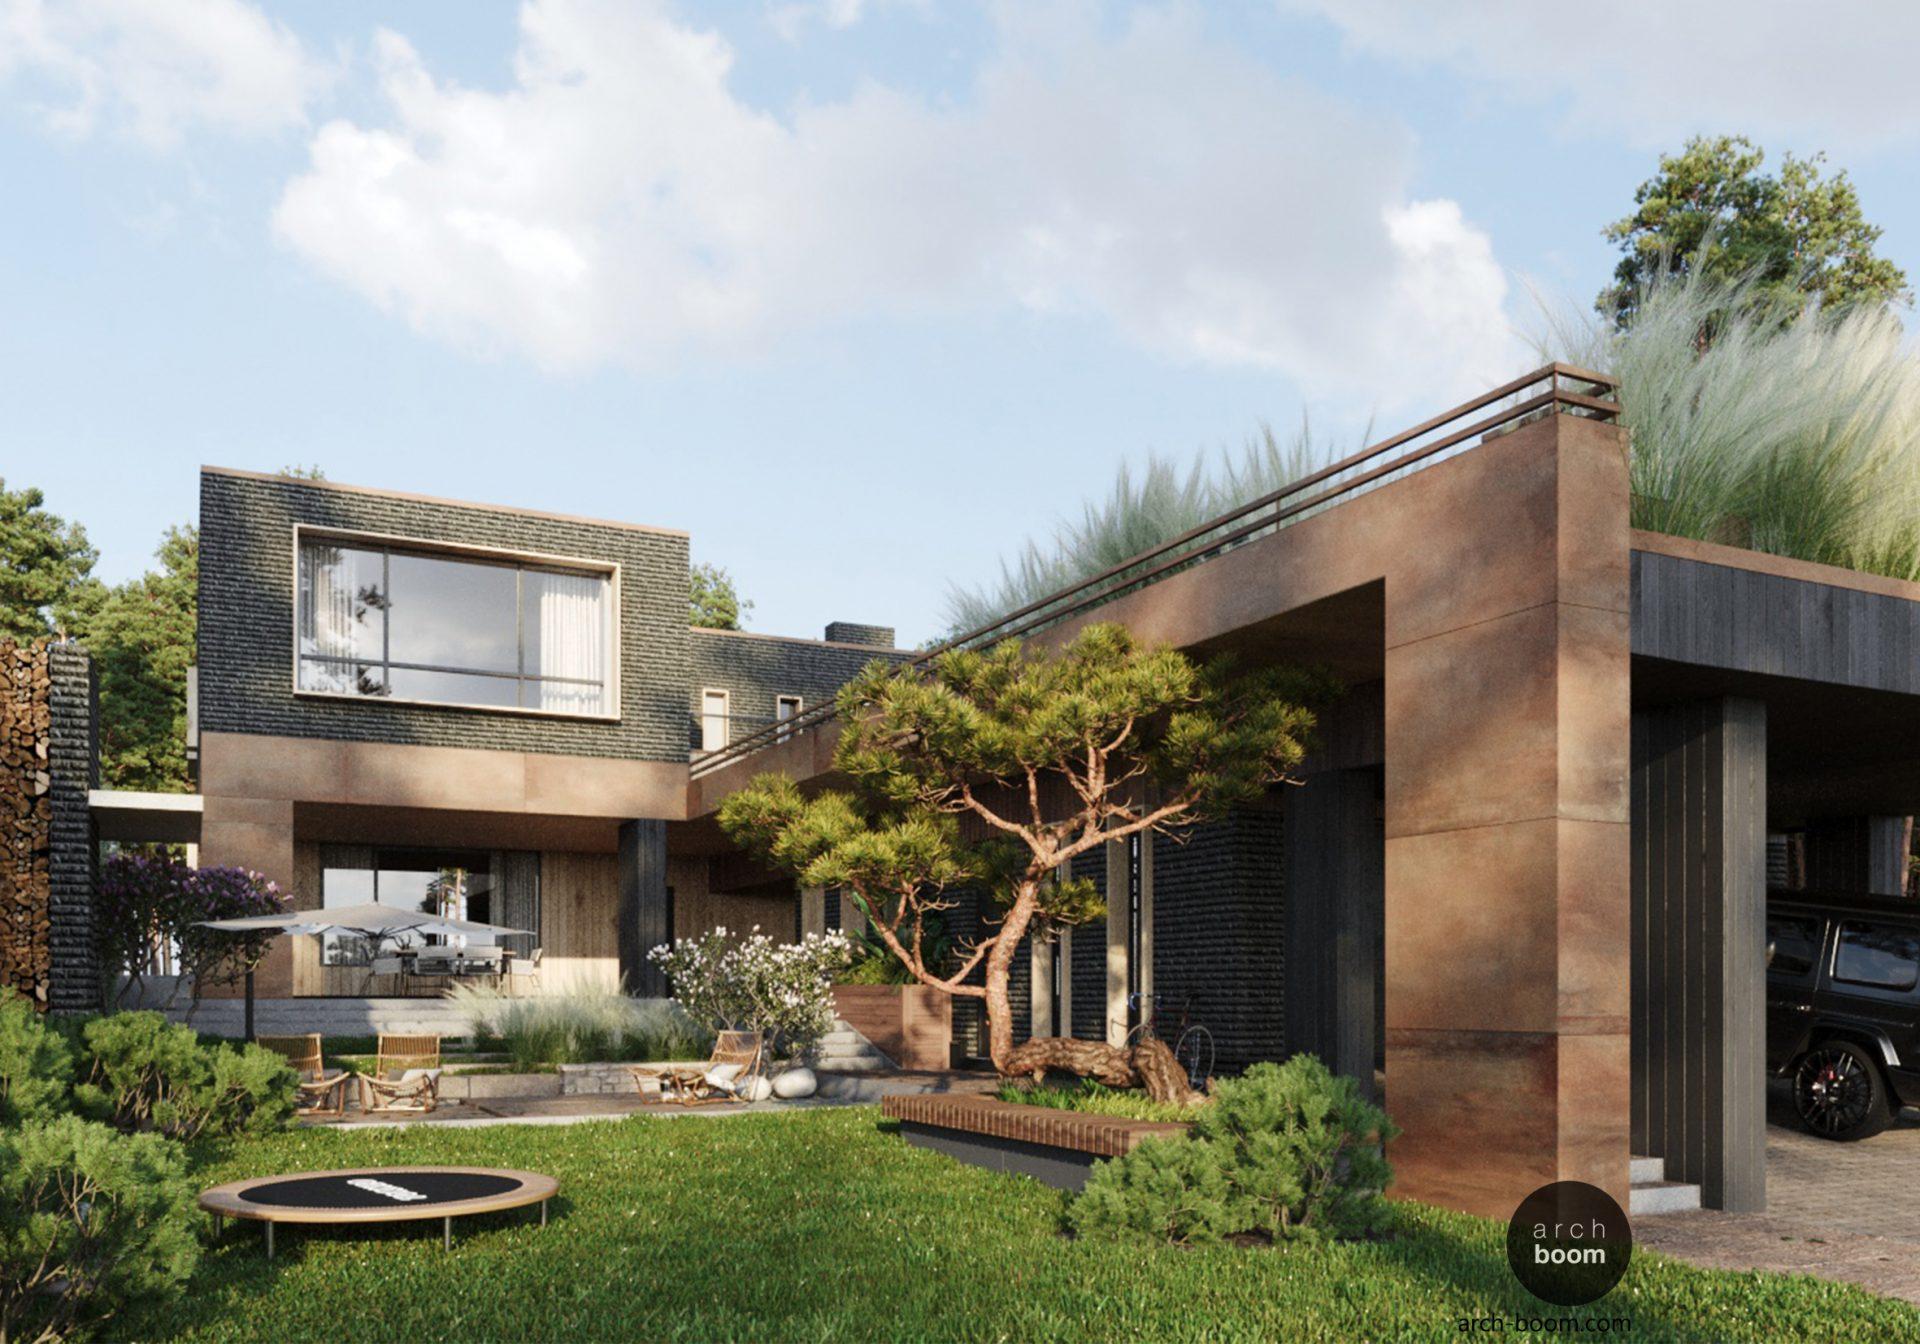 projekt indywidualny domu z płaskim zielonym dachem